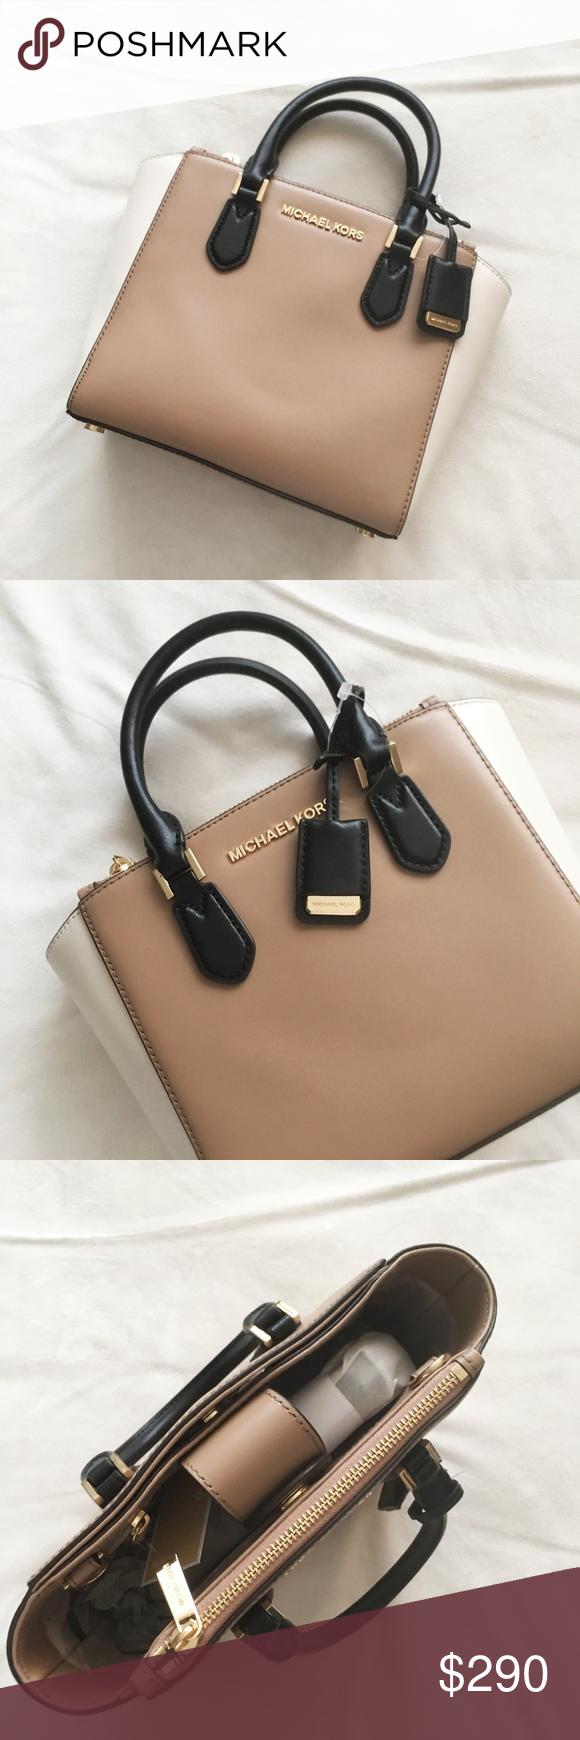 fb18488e134e MICHAEL KORS Carolyn Small Handbag BNWT BNWT Includes black strap to use as crossbody  Michael Kors Bags